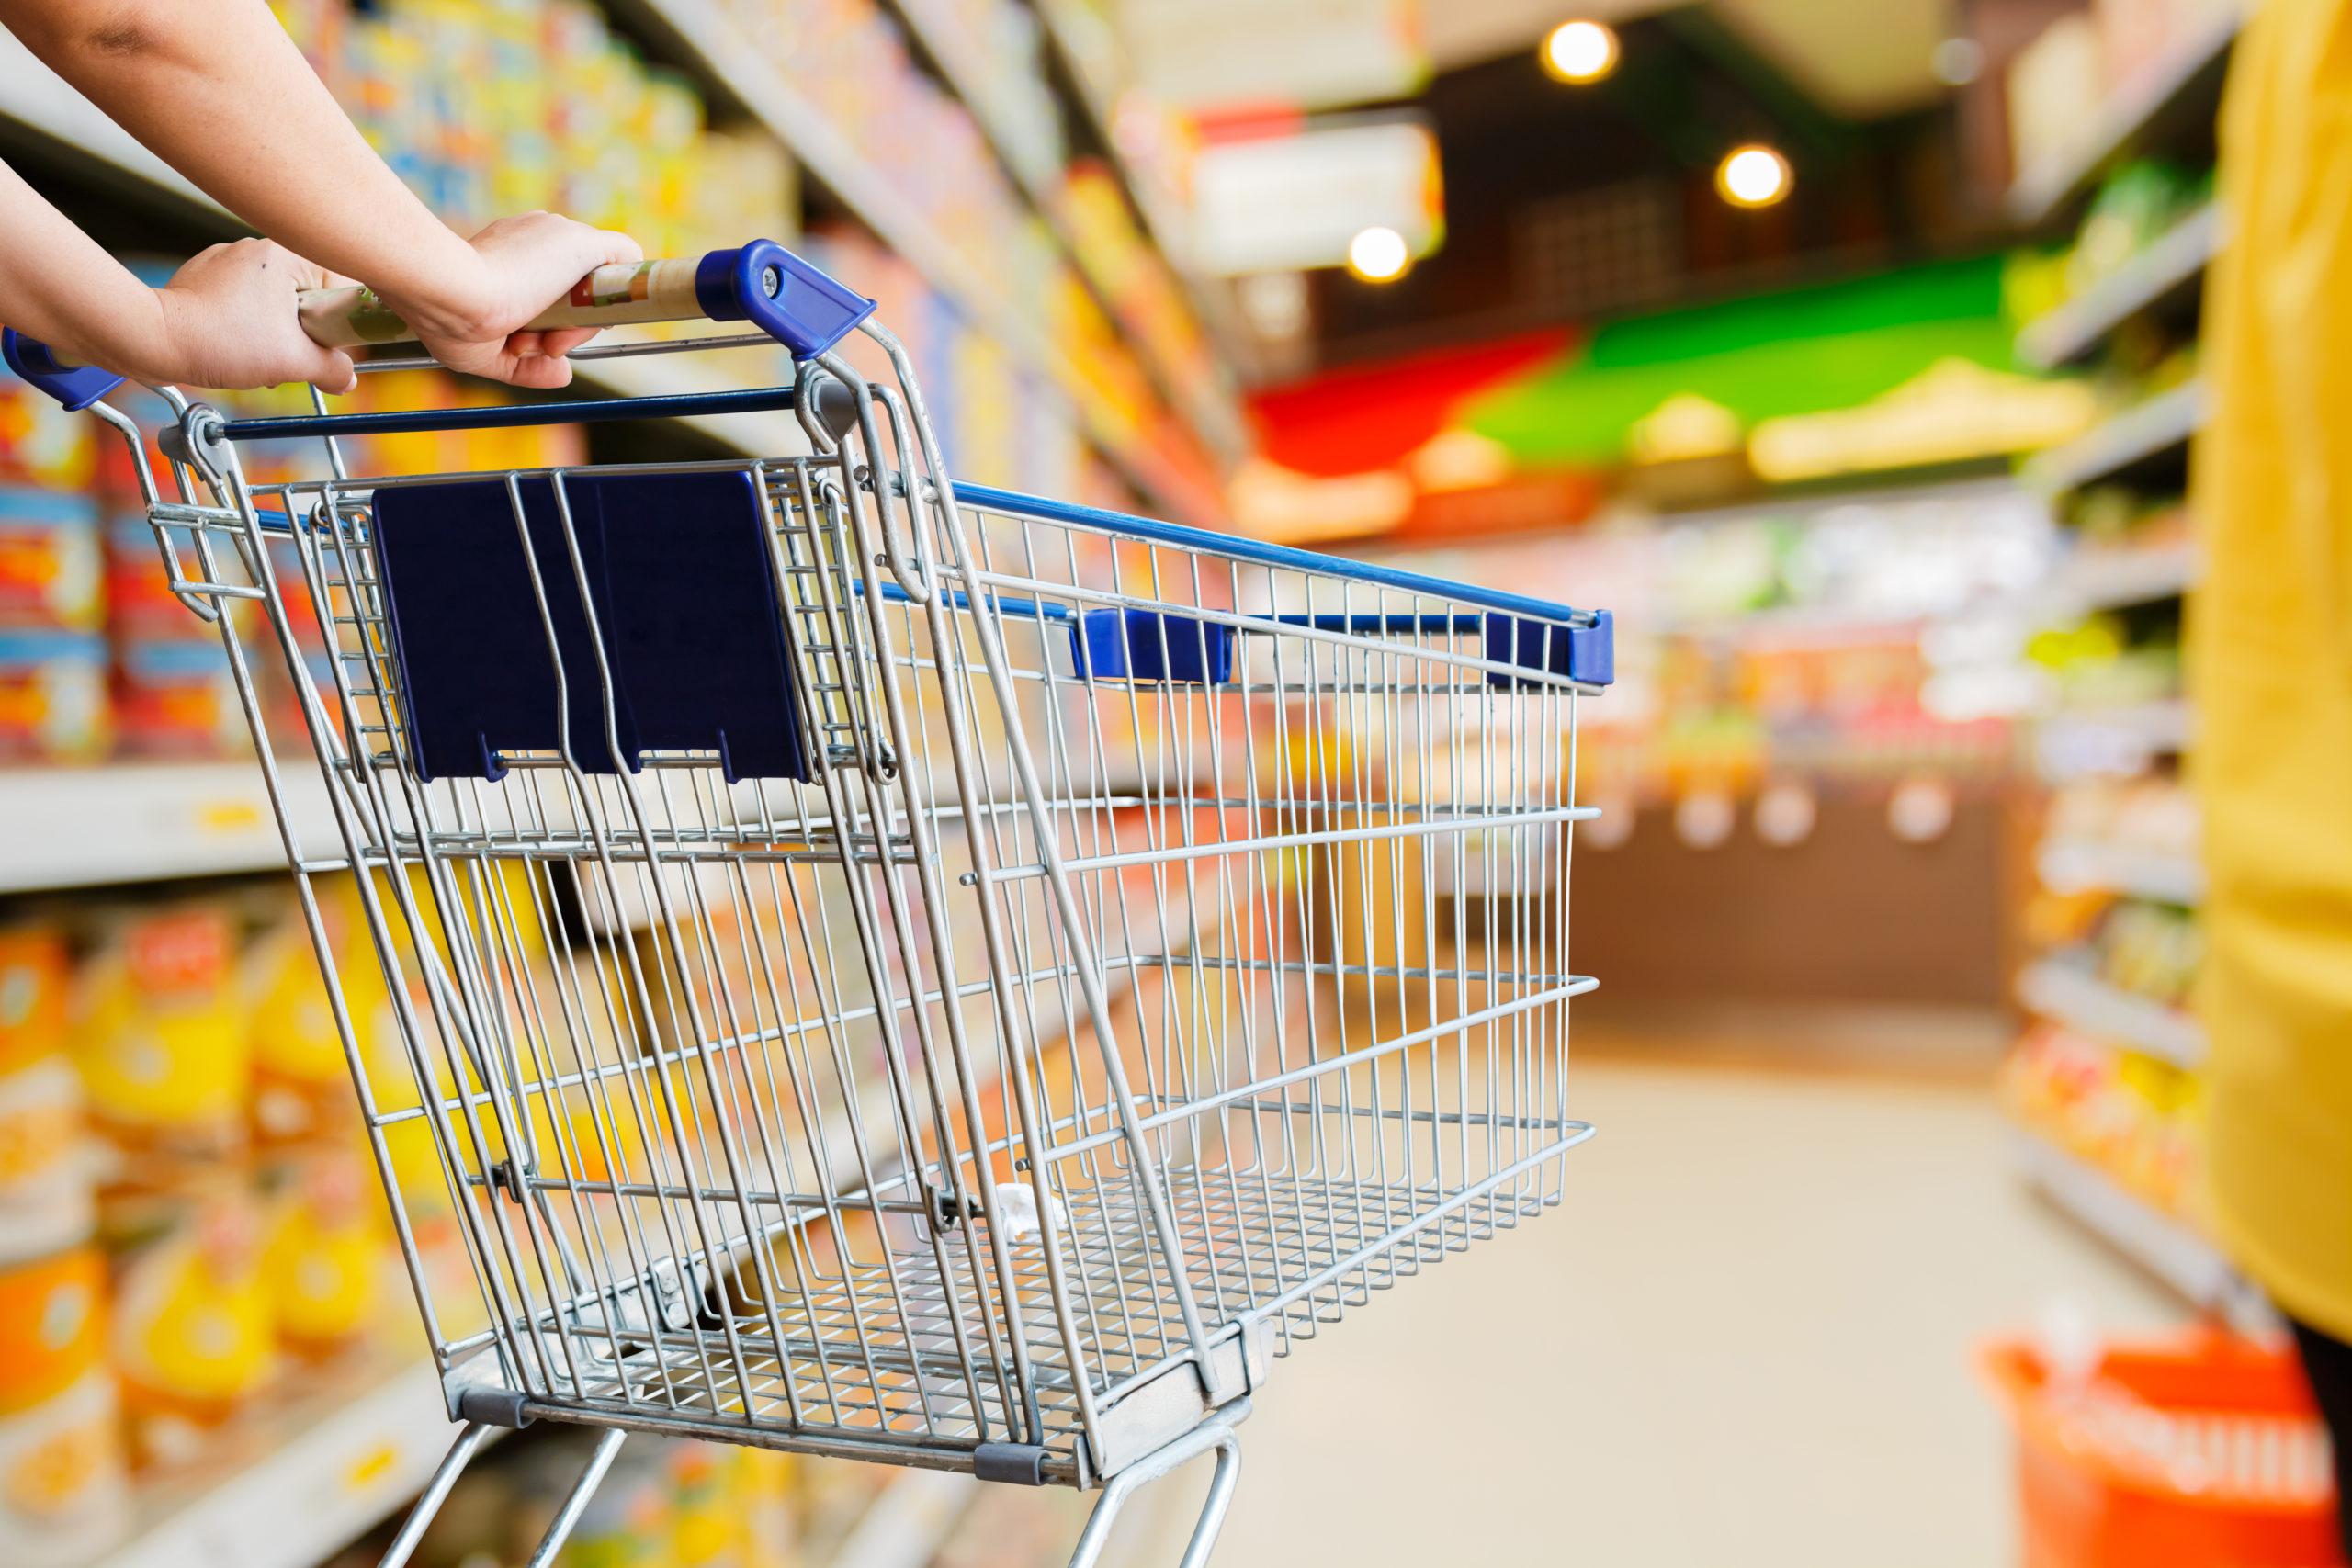 Analiza GfK: niedzielny zakaz handlu klienci nadrabiają w soboty